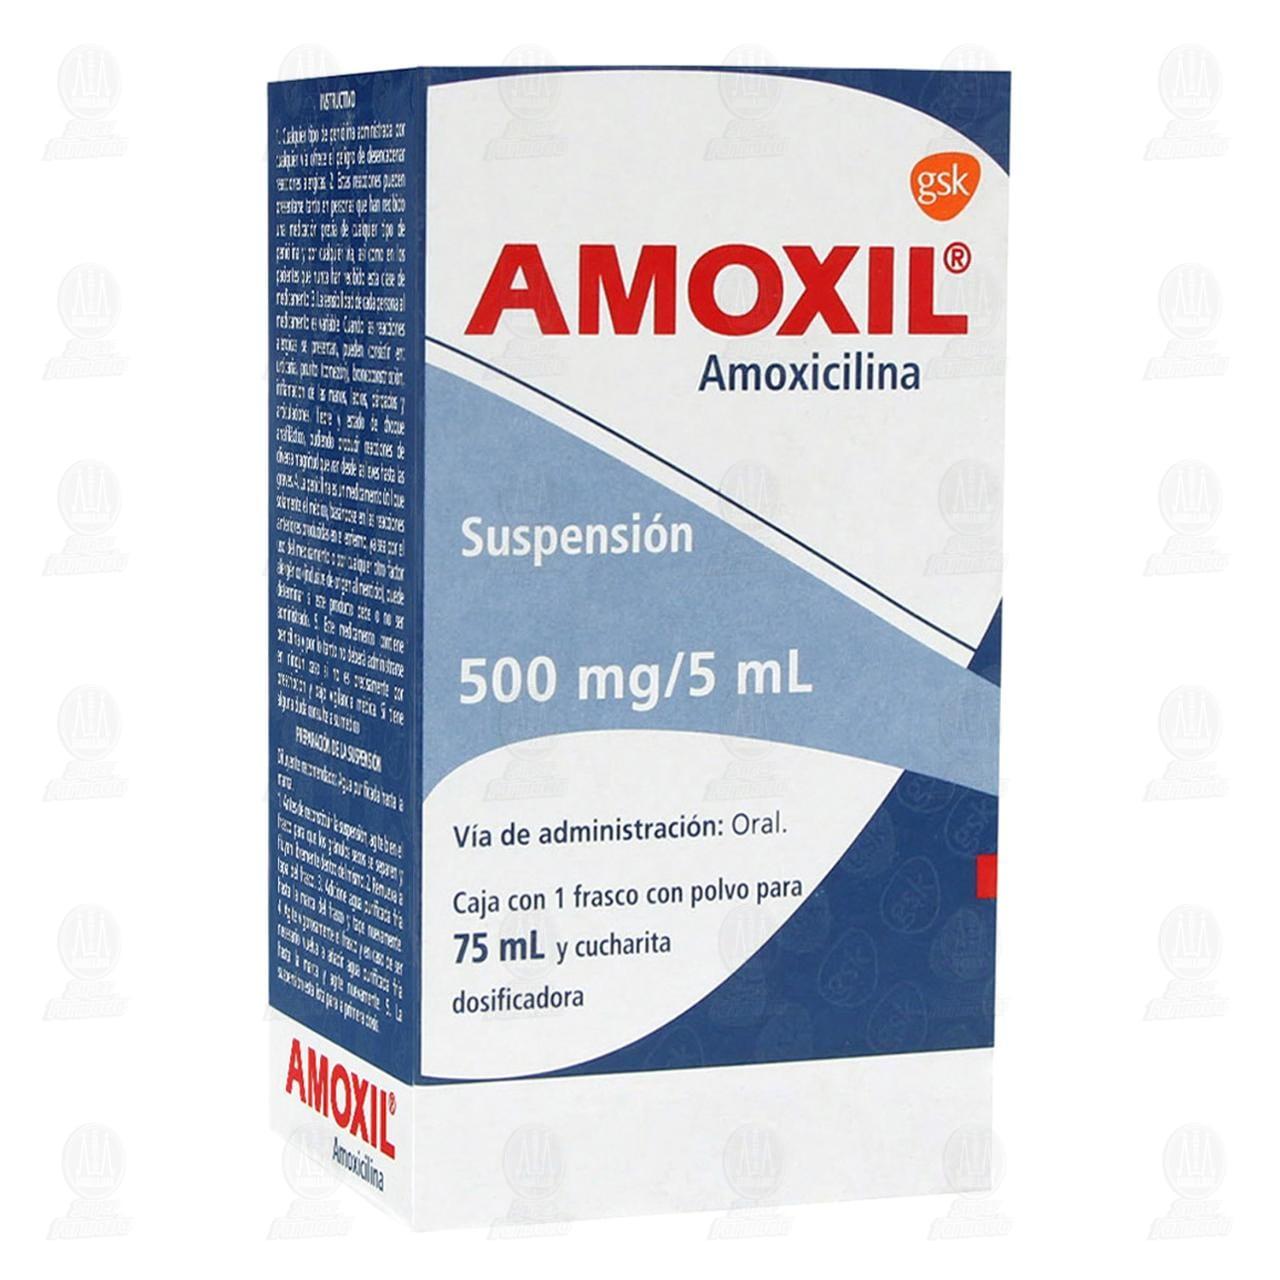 Comprar Amoxil 500mg/5ml 75ml Suspensión en Farmacias Guadalajara